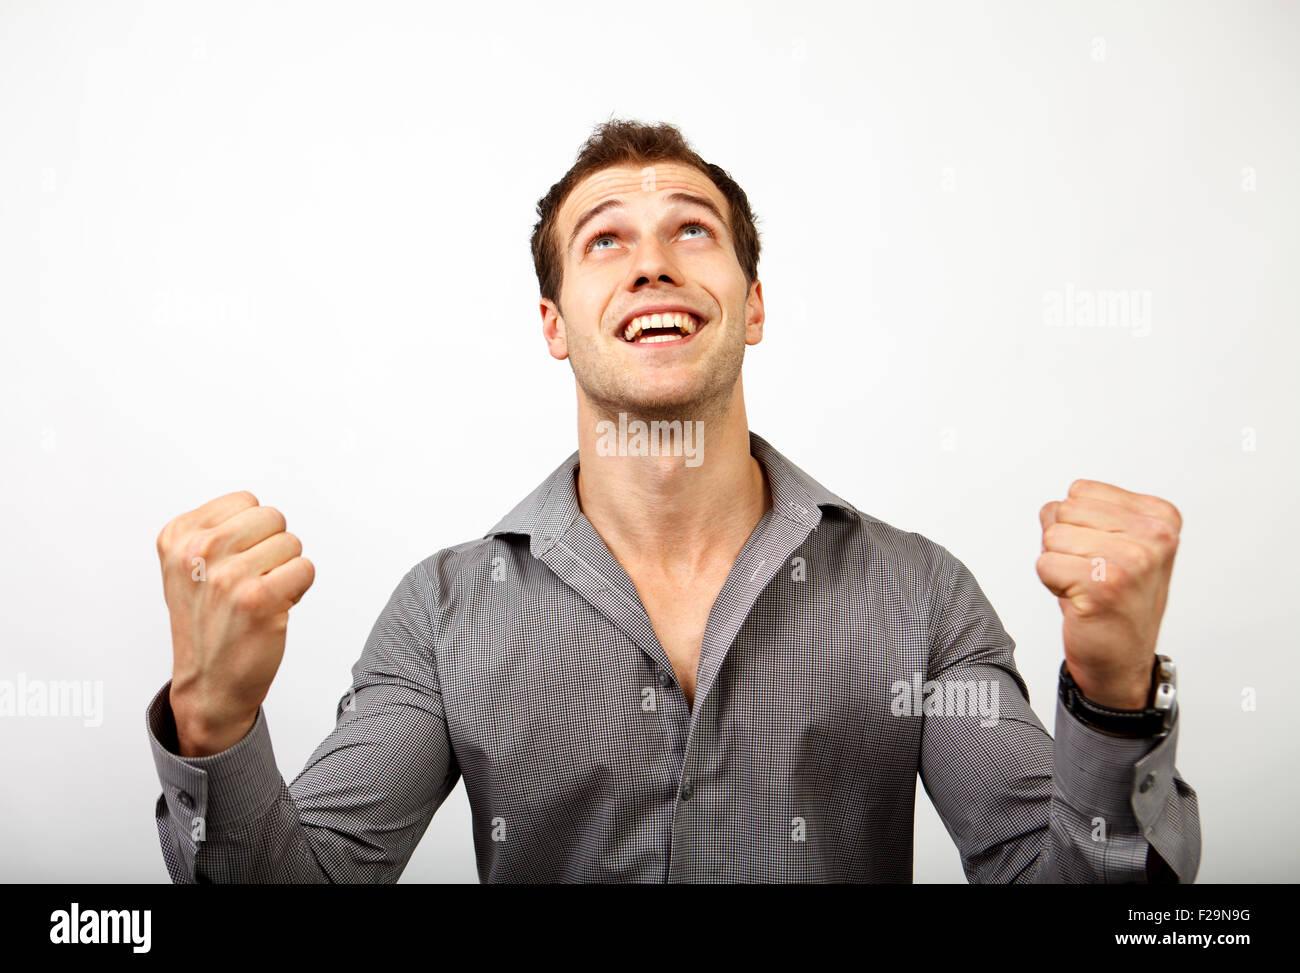 Vincere o successo concetto - gioiosa uomo felice per la sua fortuna Immagini Stock